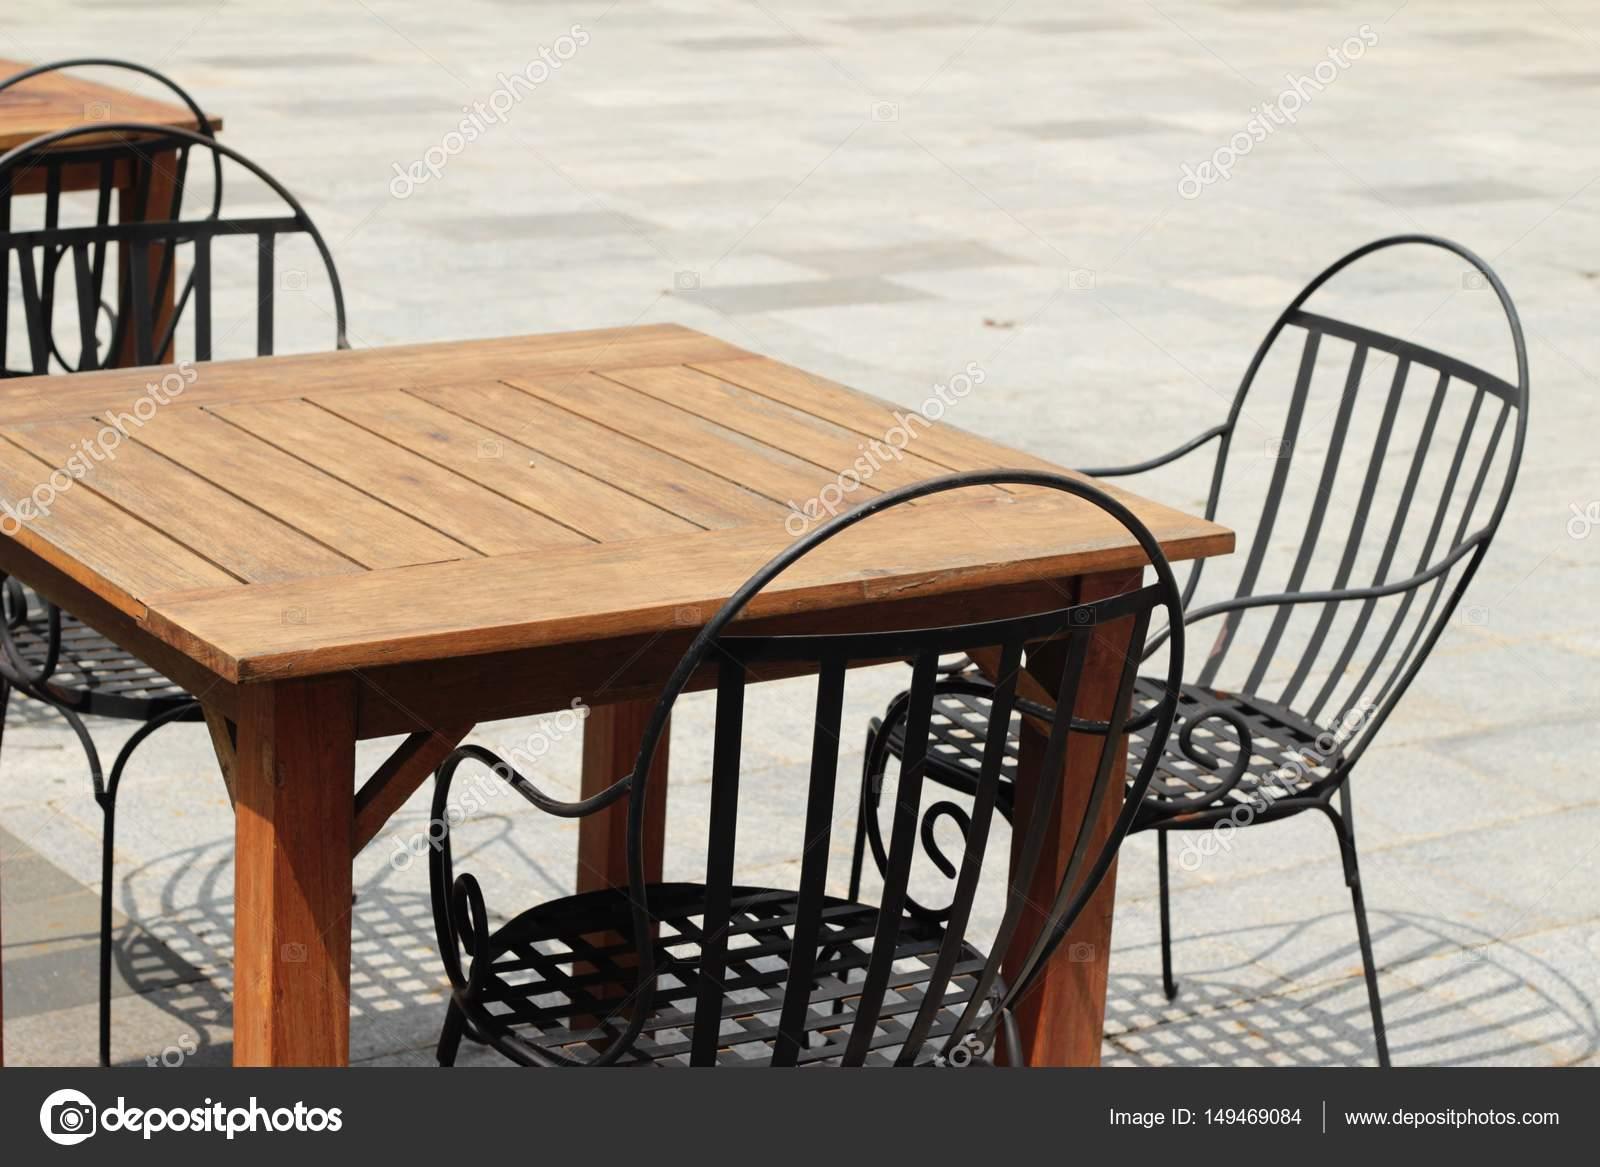 Holzstühle In Der Garten Vintage Stil Stockfoto Seagamess 149469084